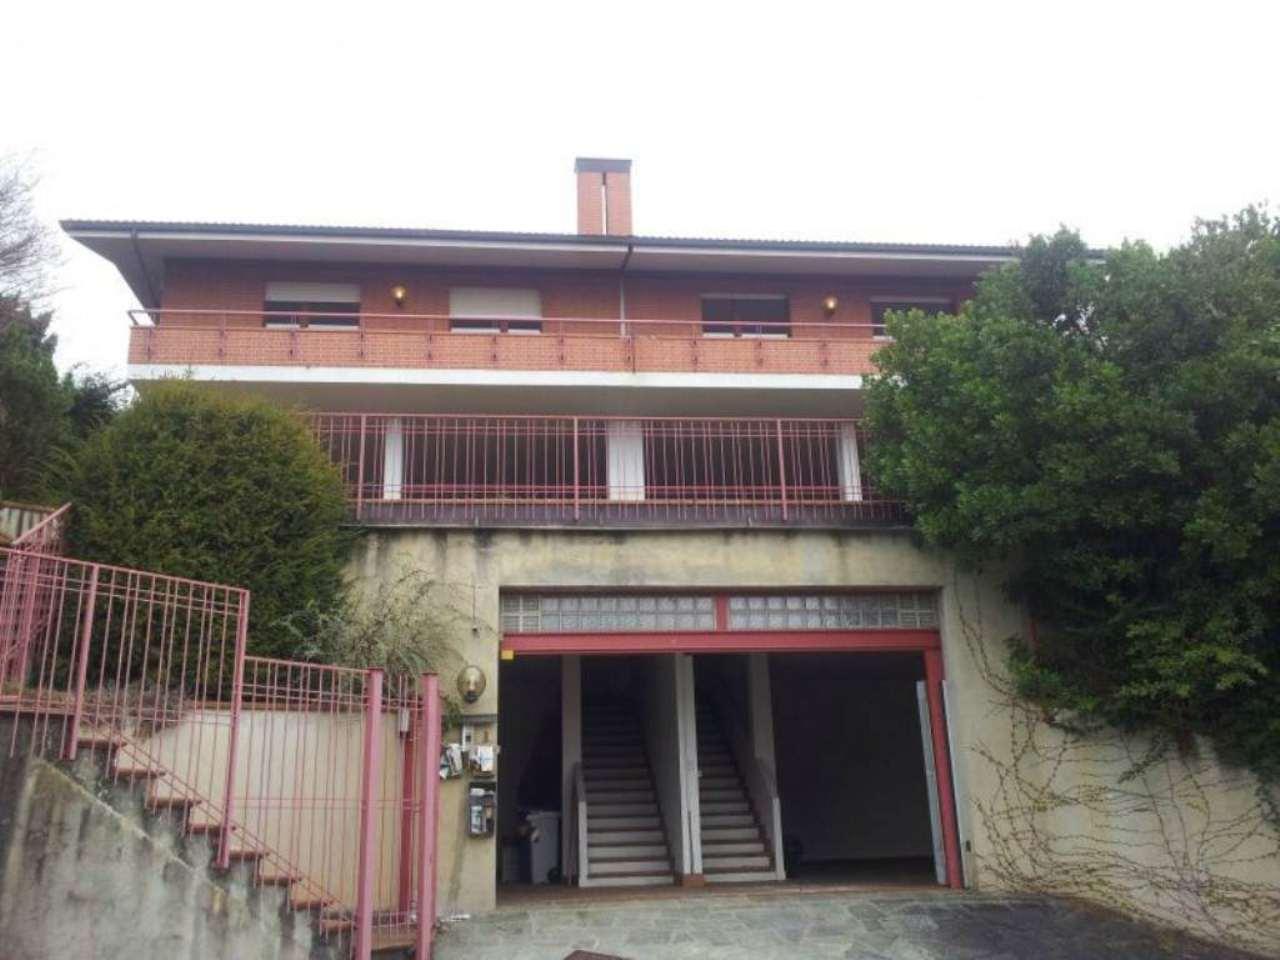 Villa in vendita a Moncalieri, 9999 locali, prezzo € 550.000 | Cambio Casa.it